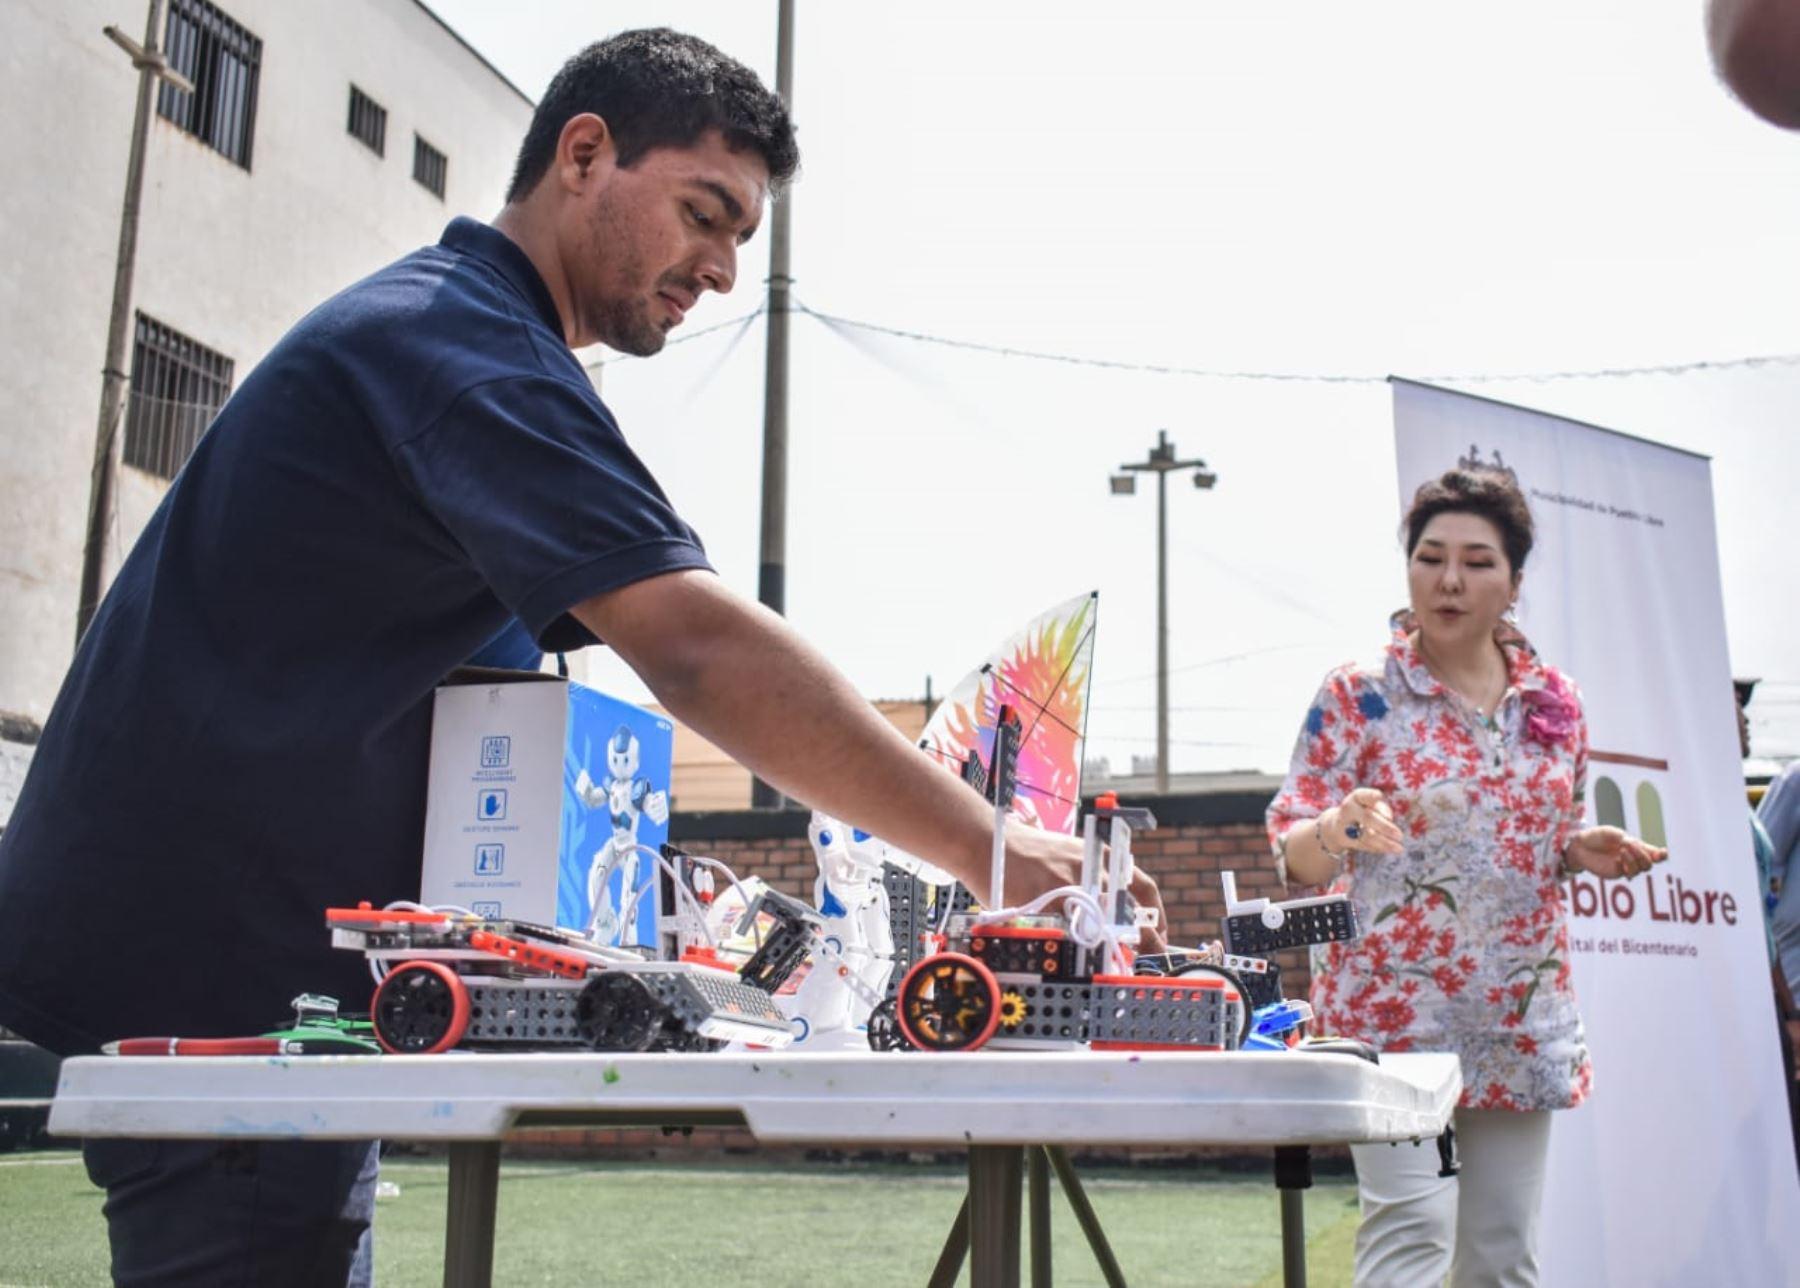 """La Municipalidad de Pueblo Libre realizará este sábado 22 el taller gratuito """"Drones, Robots solares y juguetes científicos en la Capital del Bicentenario""""."""